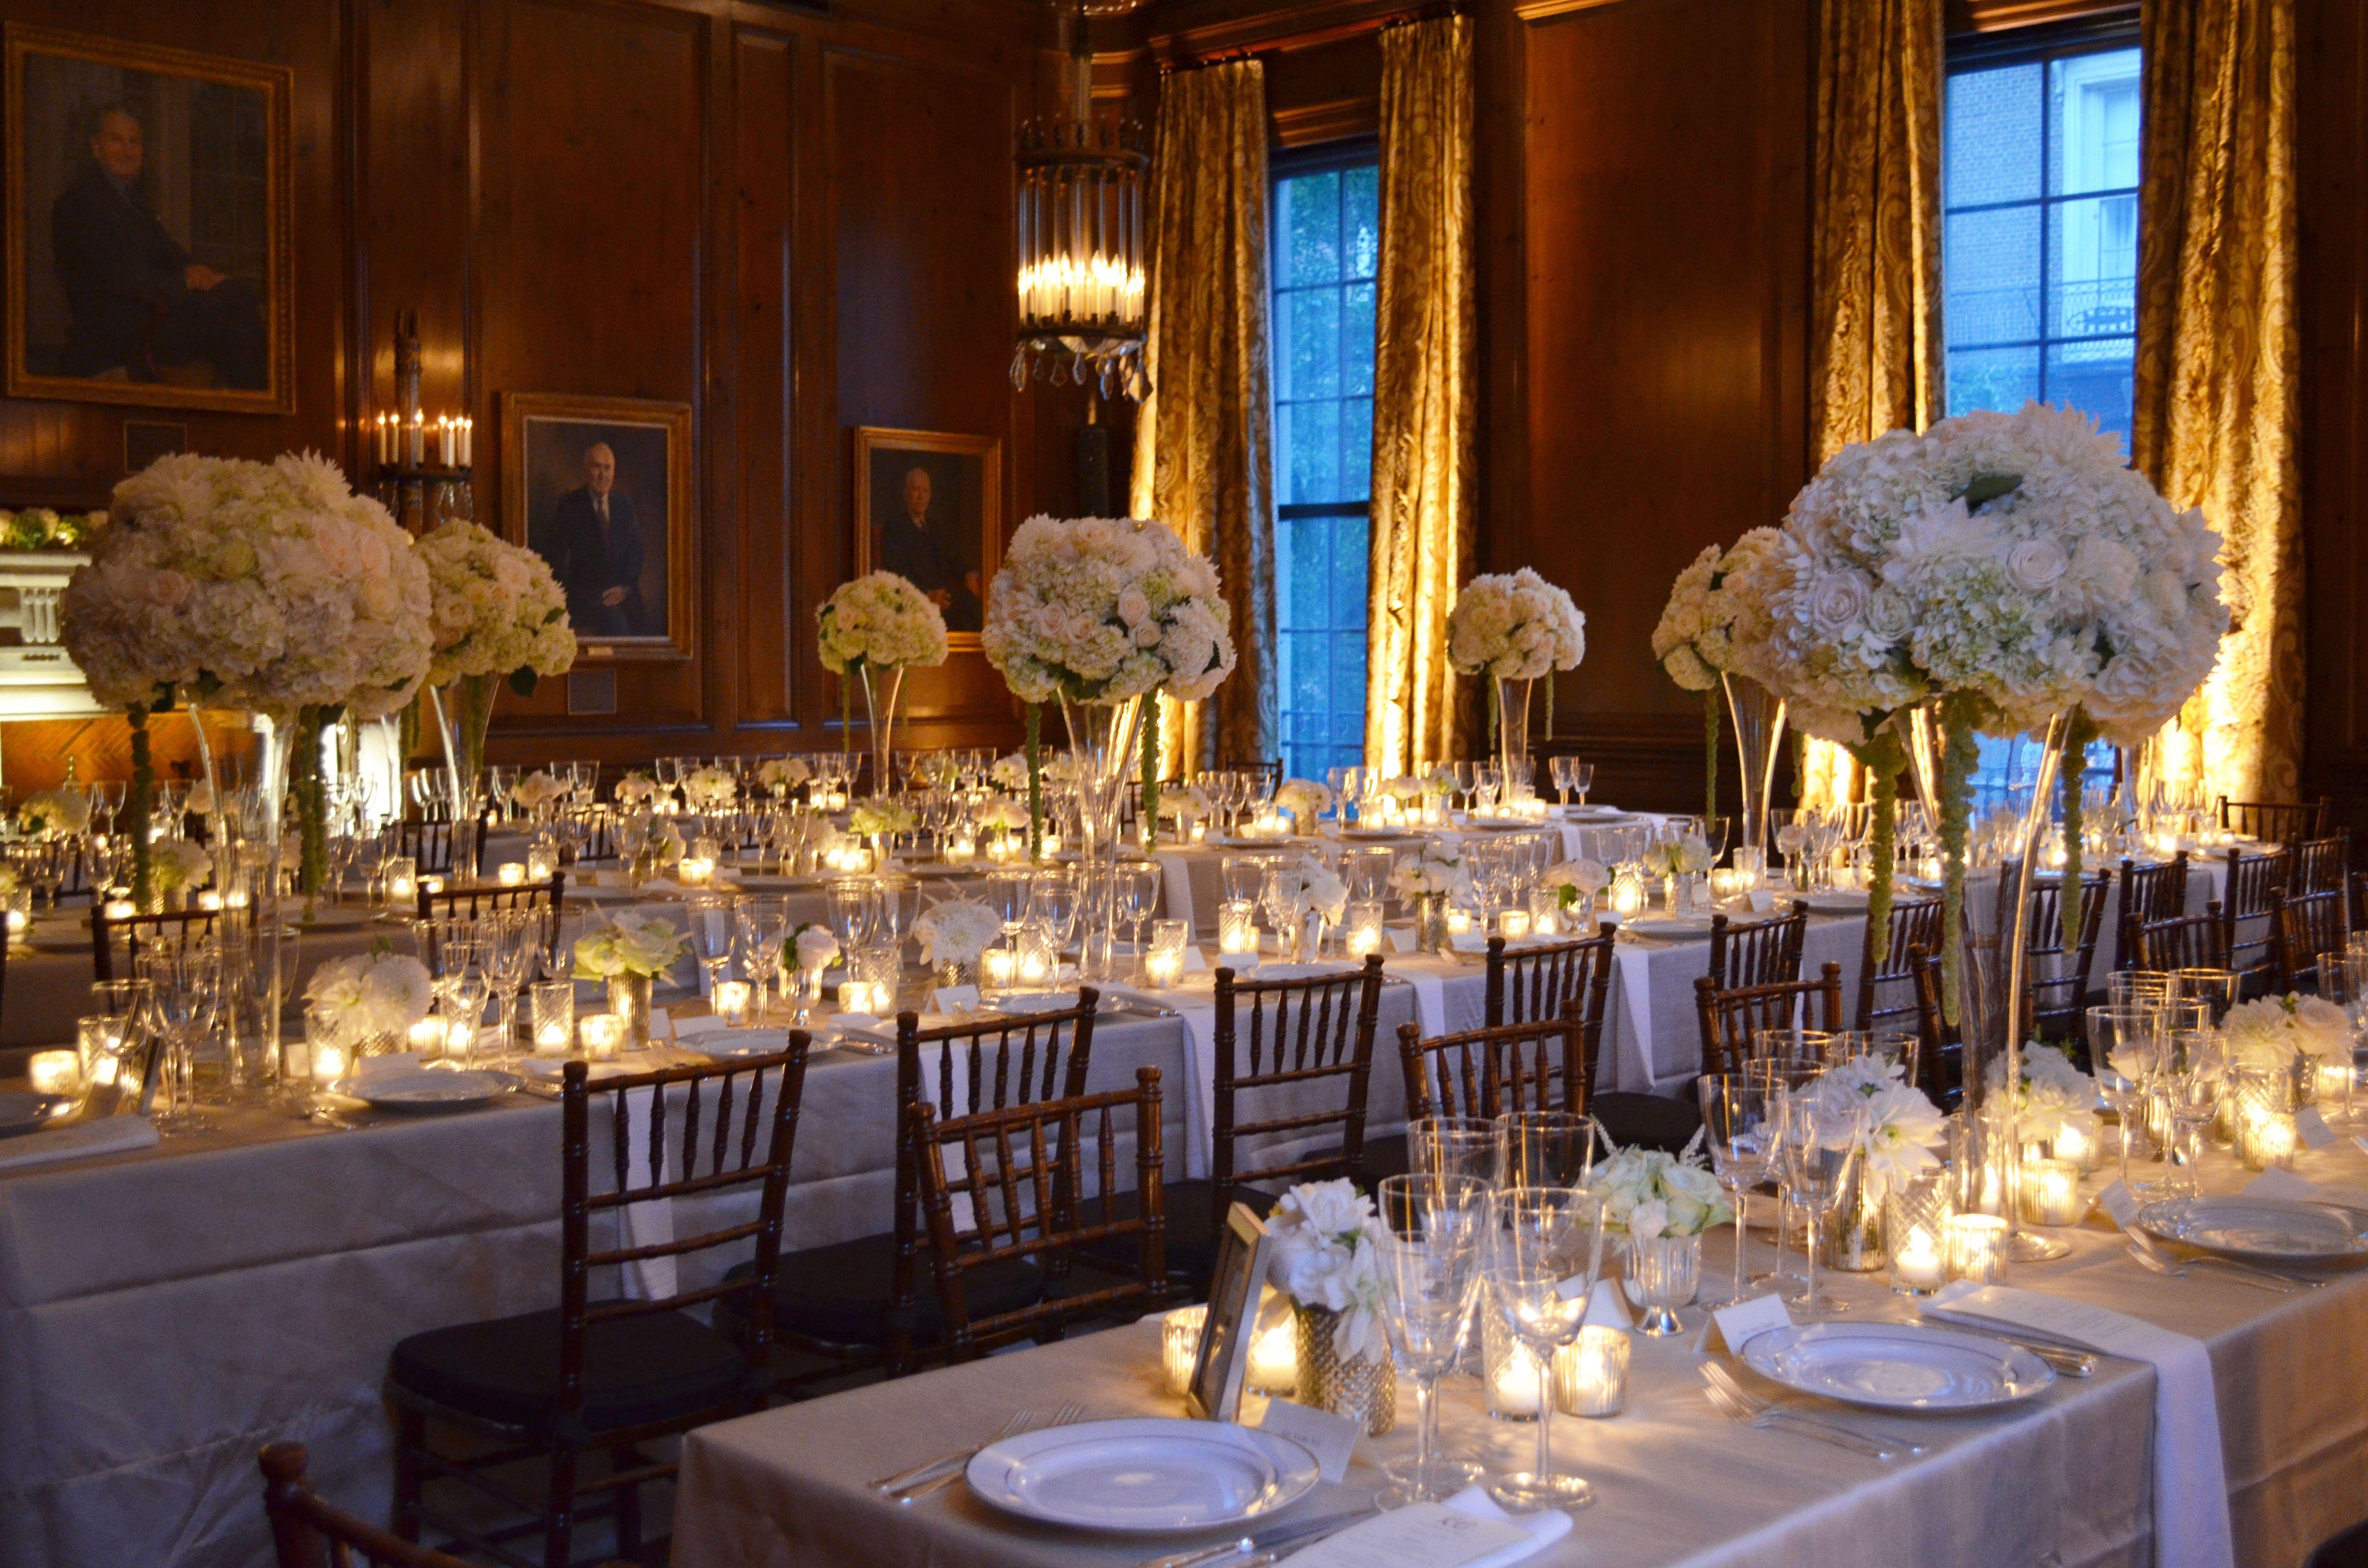 Rockefeller Ballroom Wedding Reception With Trellis Tables At The Harold Pratt House